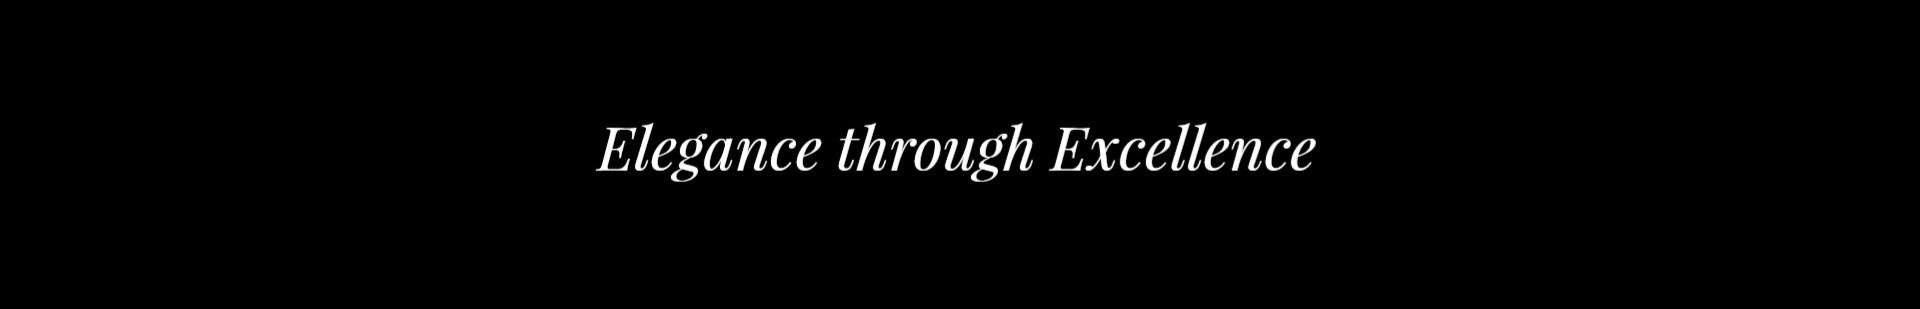 Elegance+through+Excellence+%28website+tag+image+v2%29.jpg